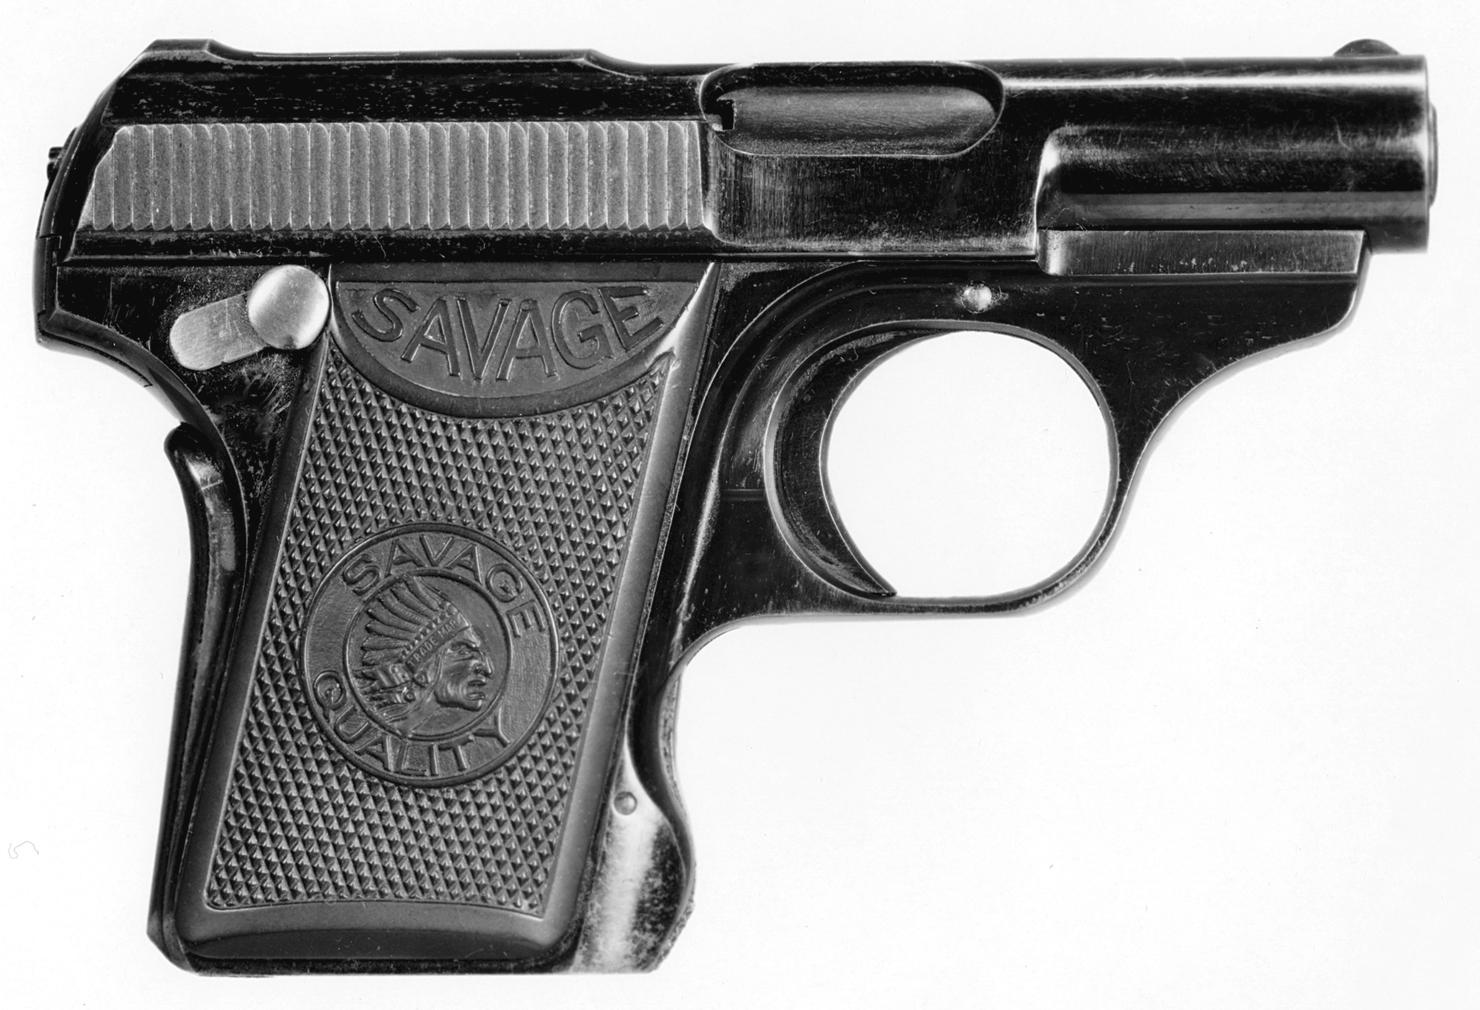 Model 6.35mm